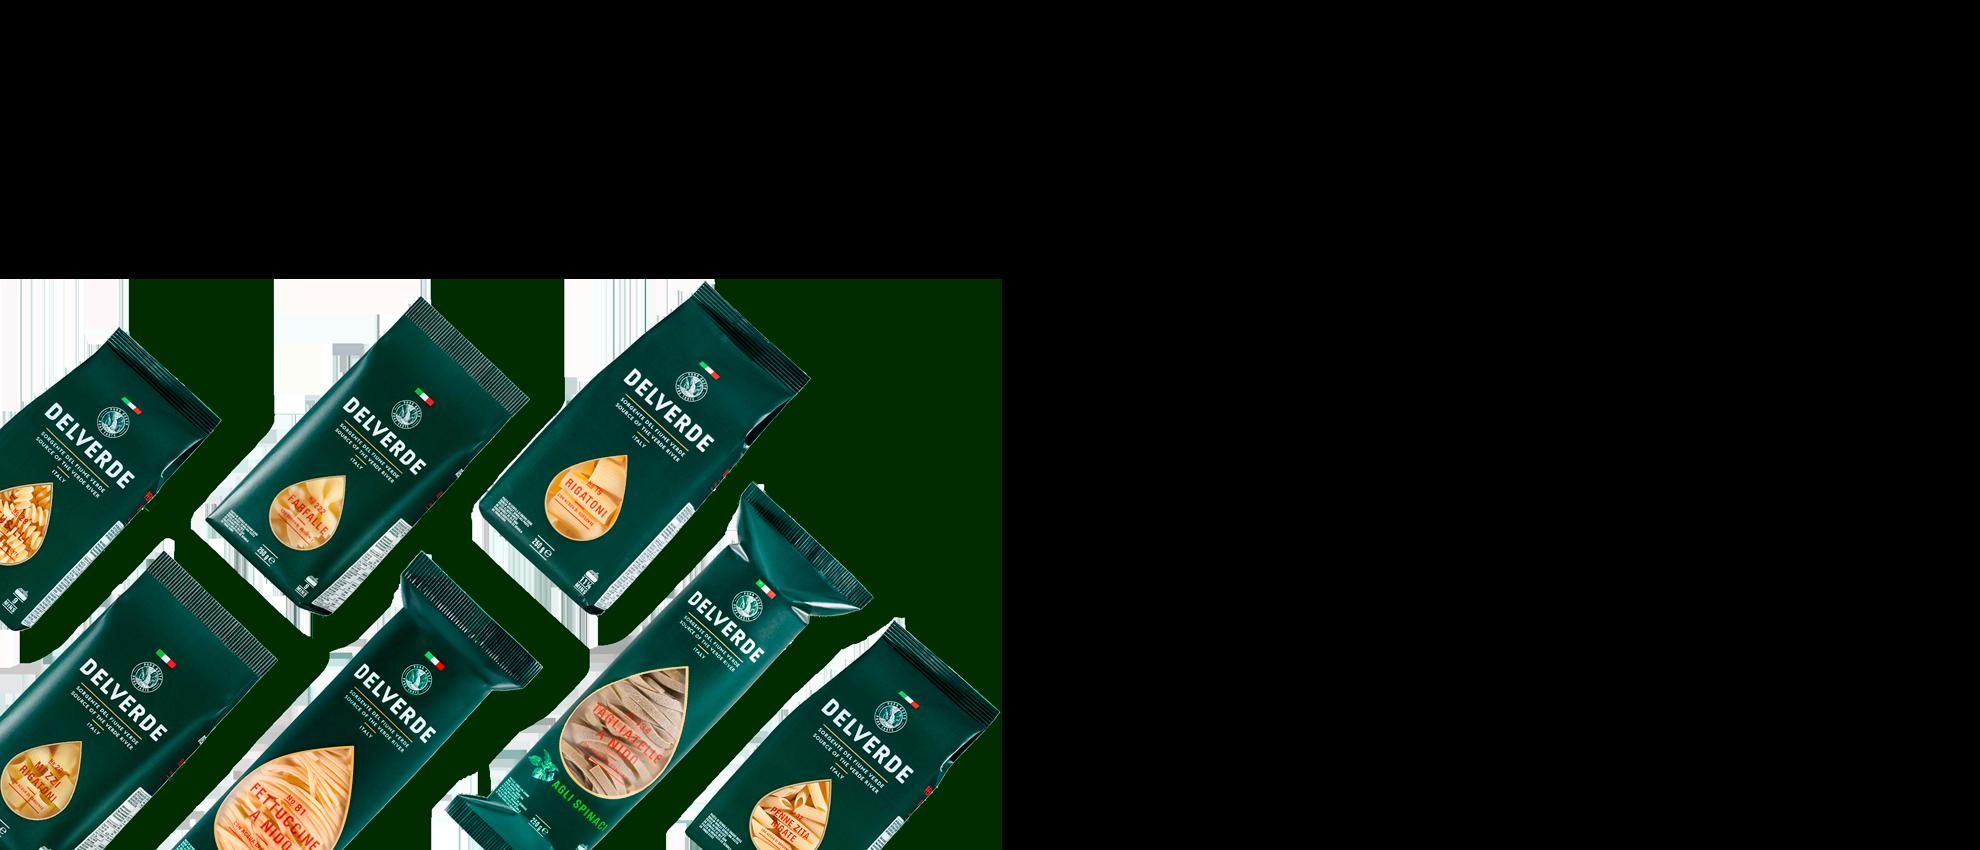 confezioni-pasta-delverde-2